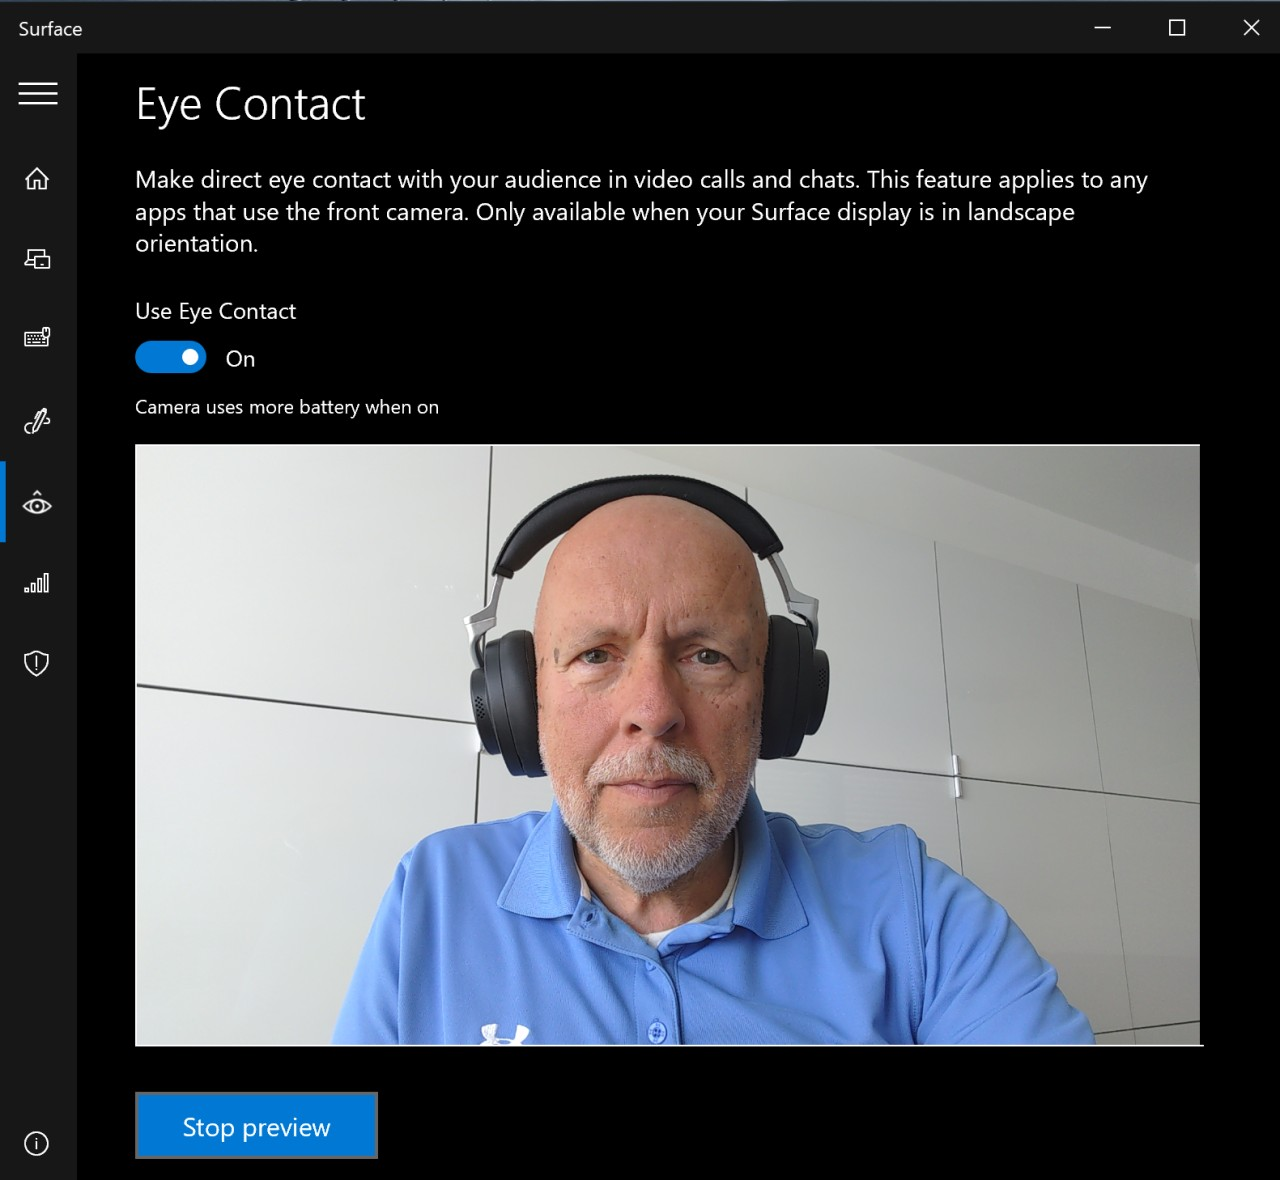 eyecontact8973234.jpg